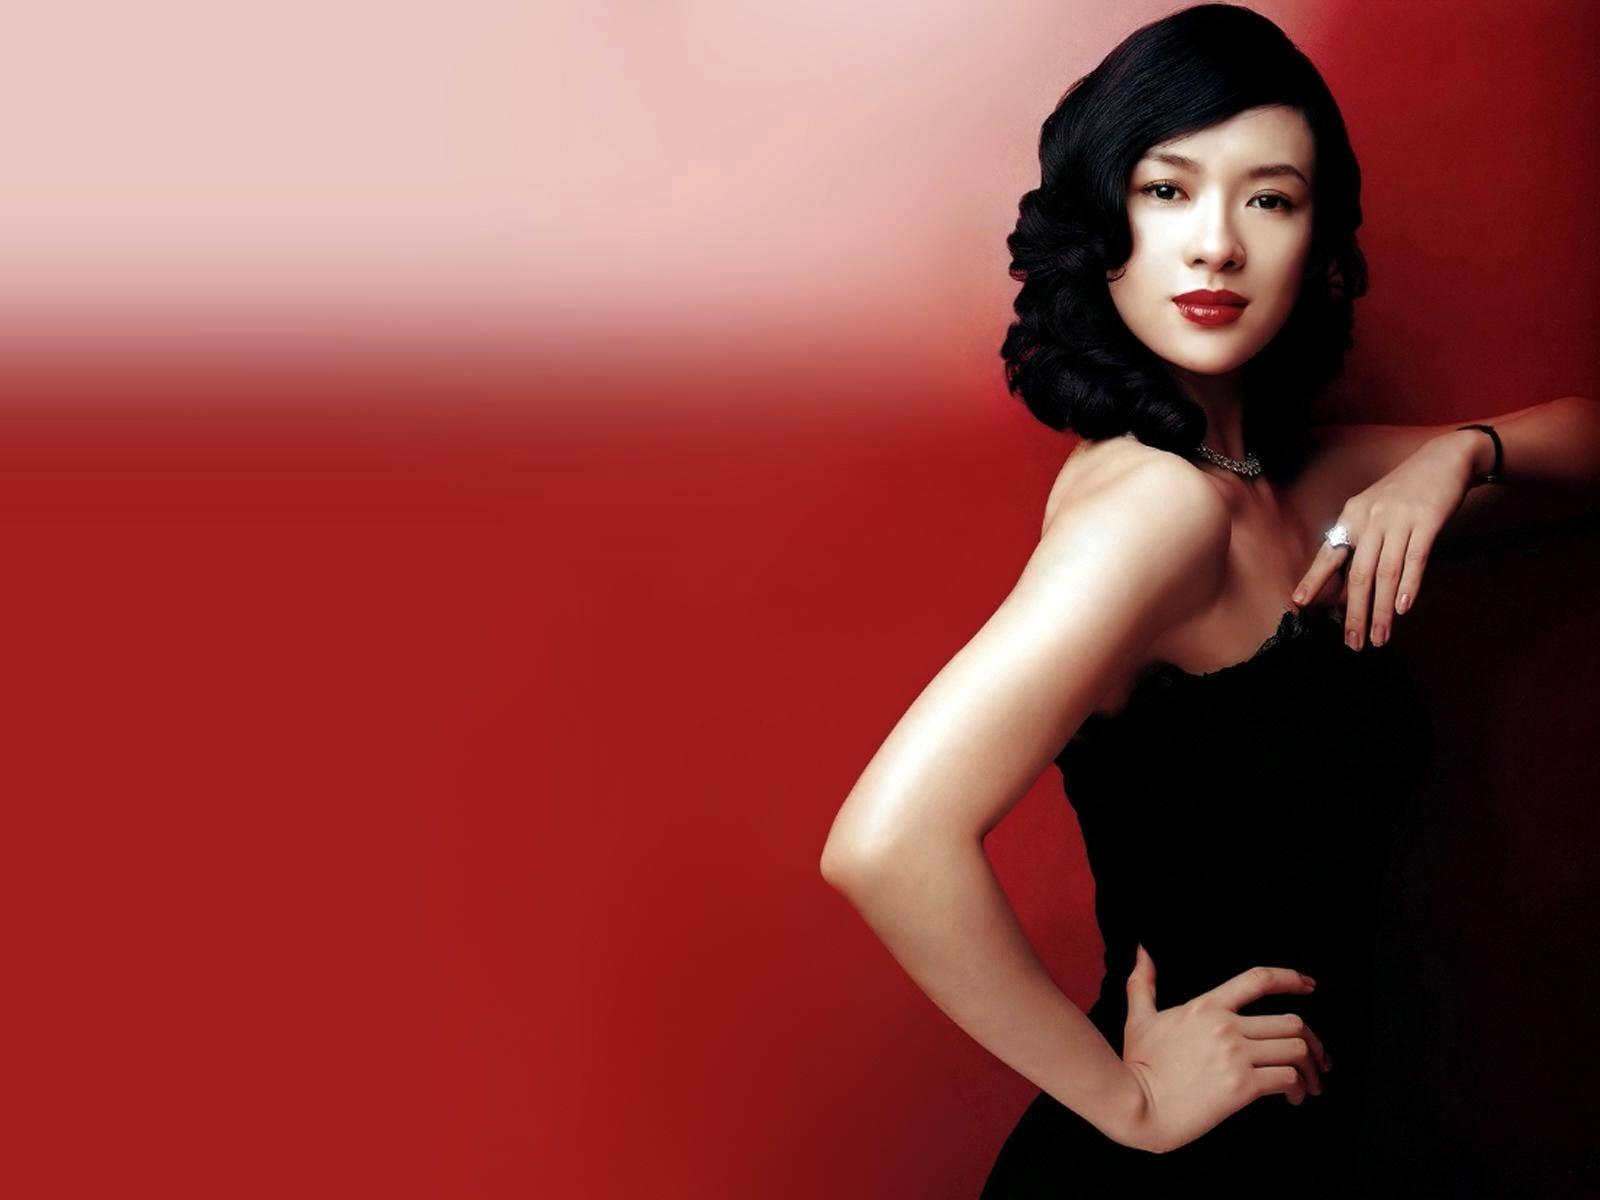 Wallpaper di Zhang Ziyi su sfondo rosso